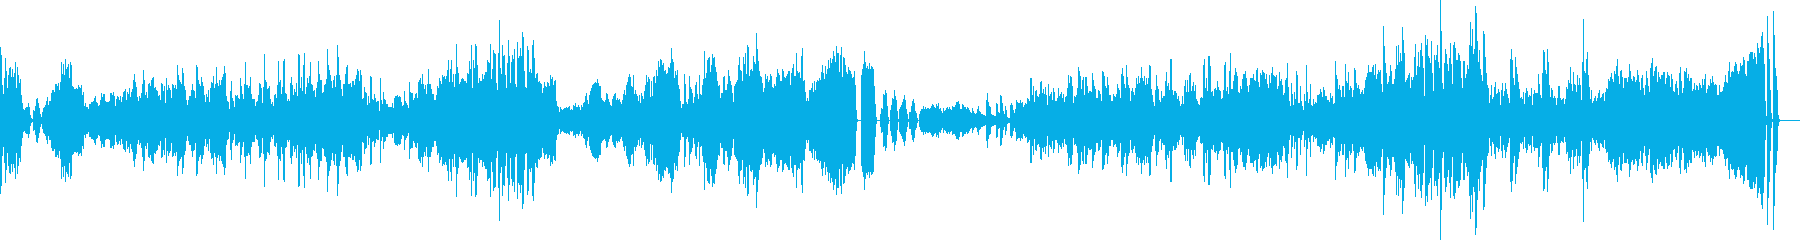 ベートーヴェンのピアノソナタ23番熱情の再生済みの波形